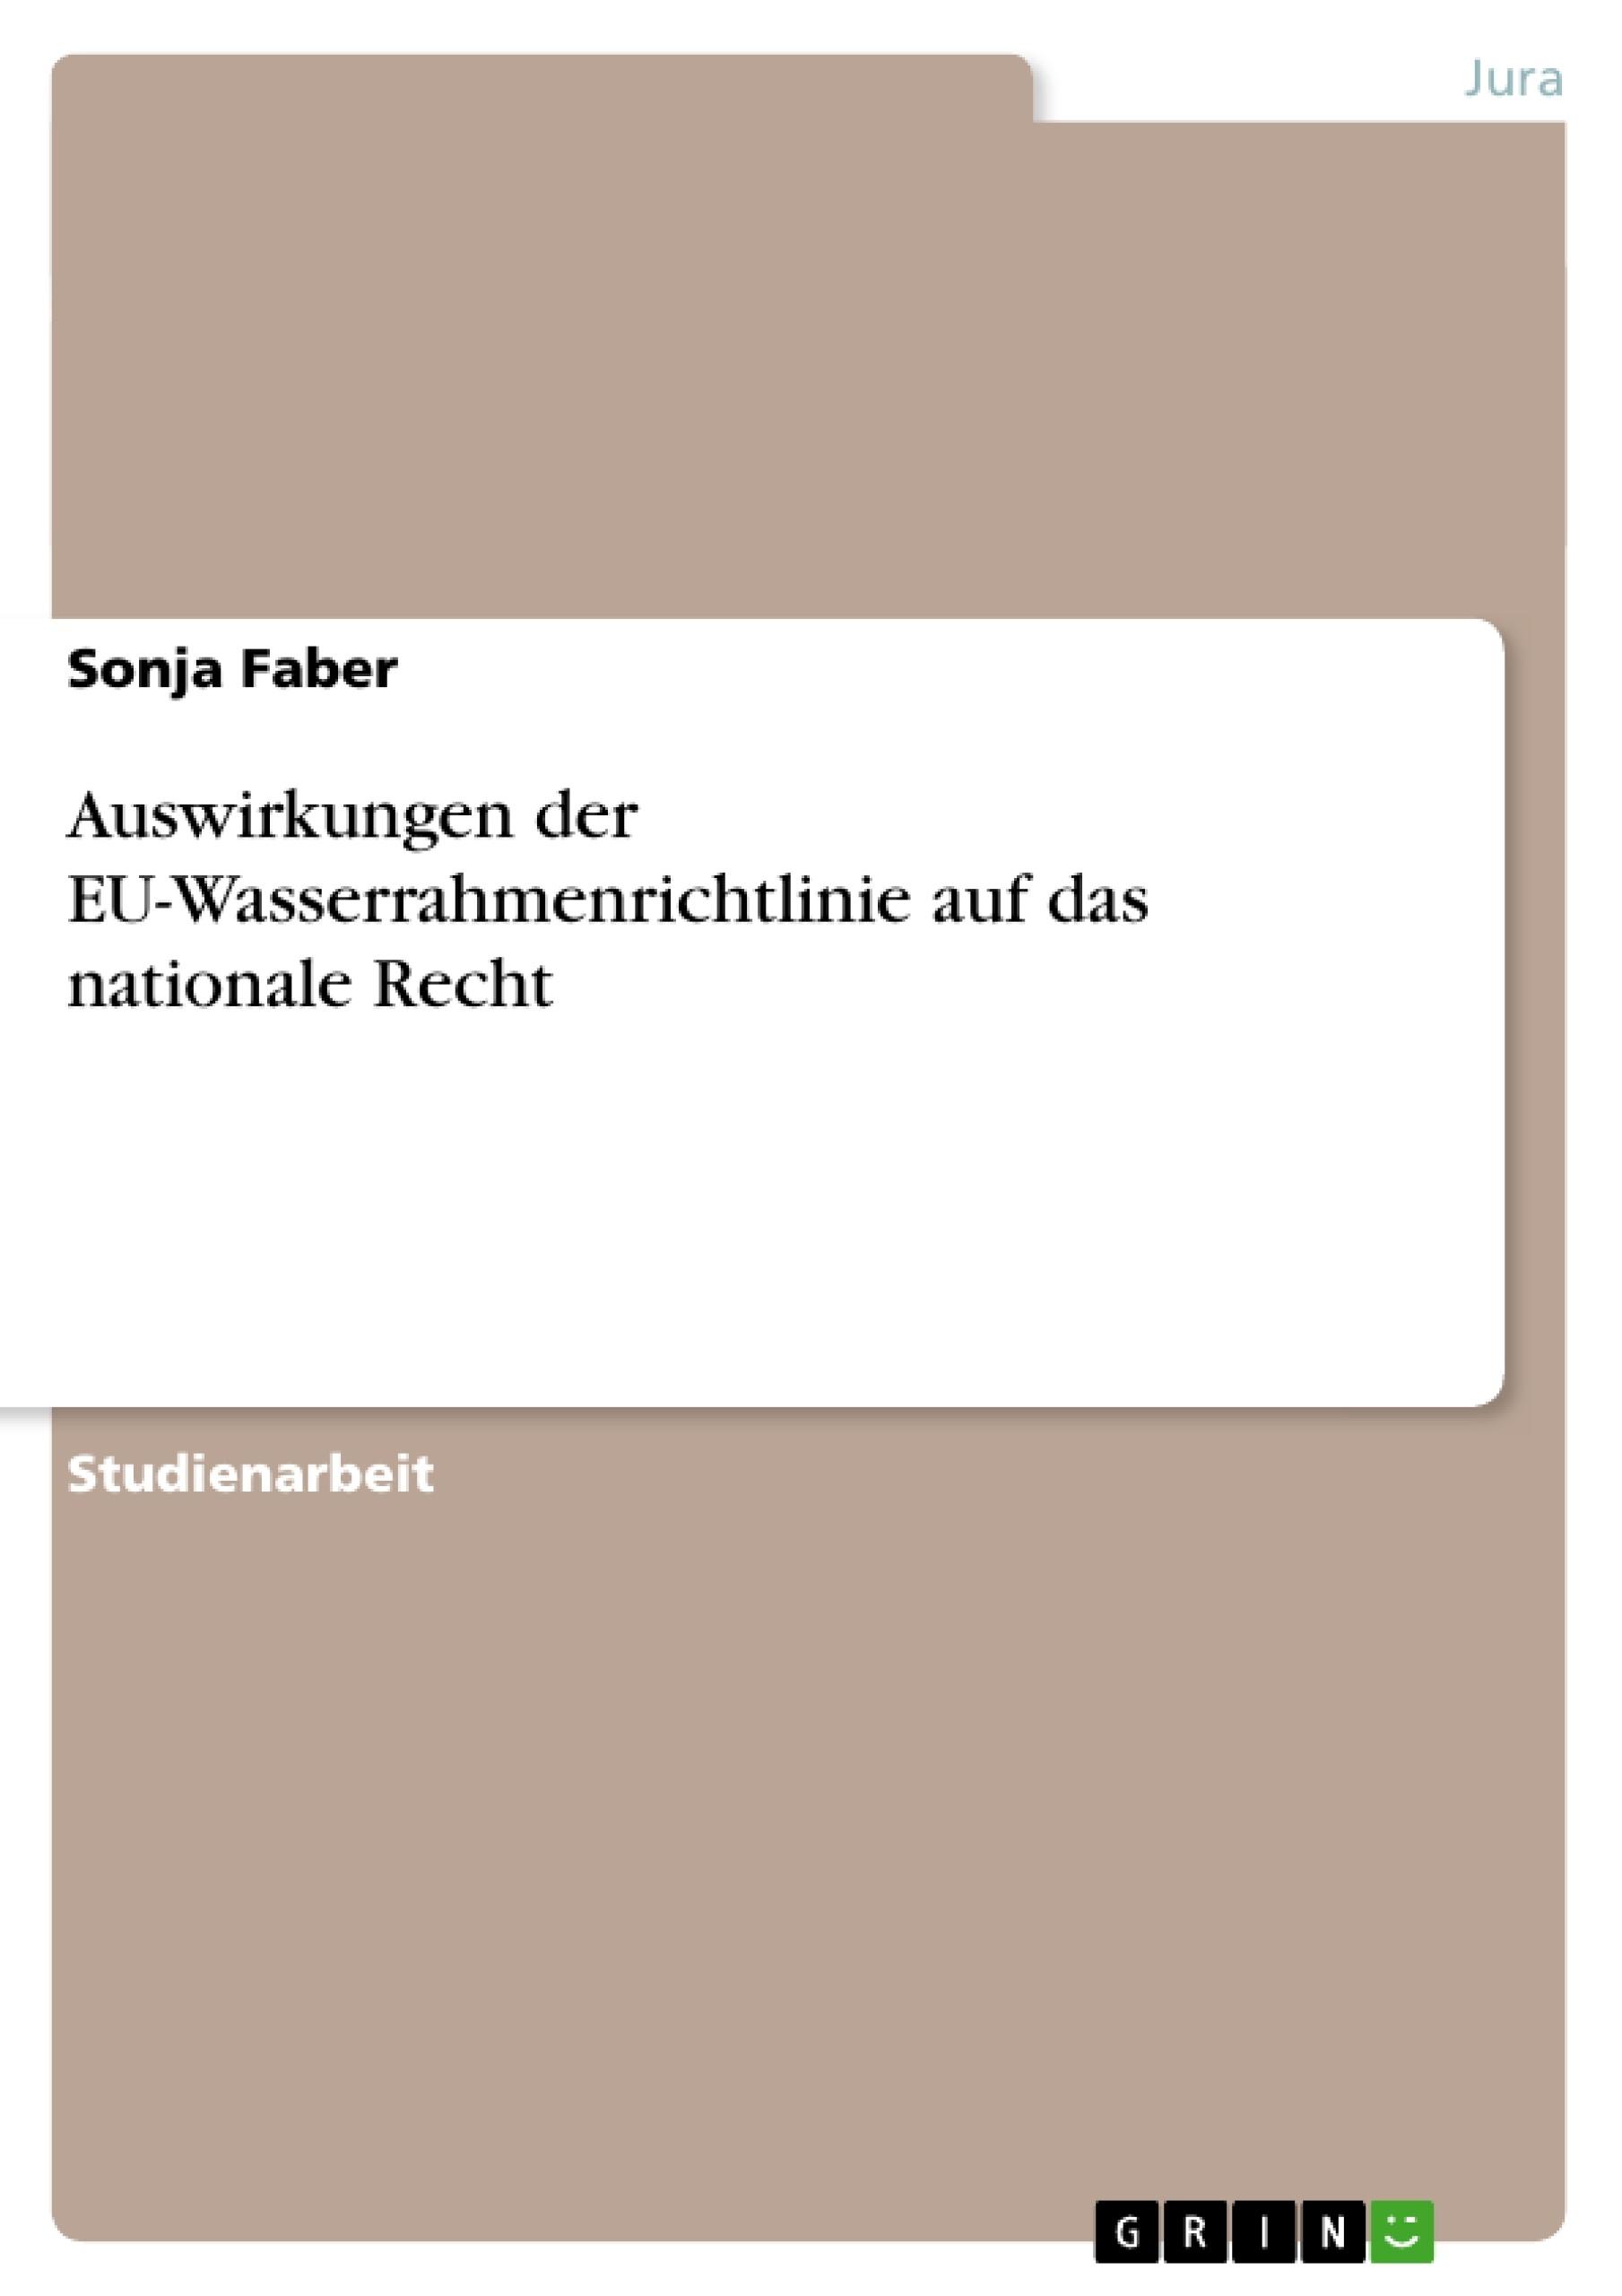 Titel: Auswirkungen der EU-Wasserrahmenrichtlinie auf das nationale Recht